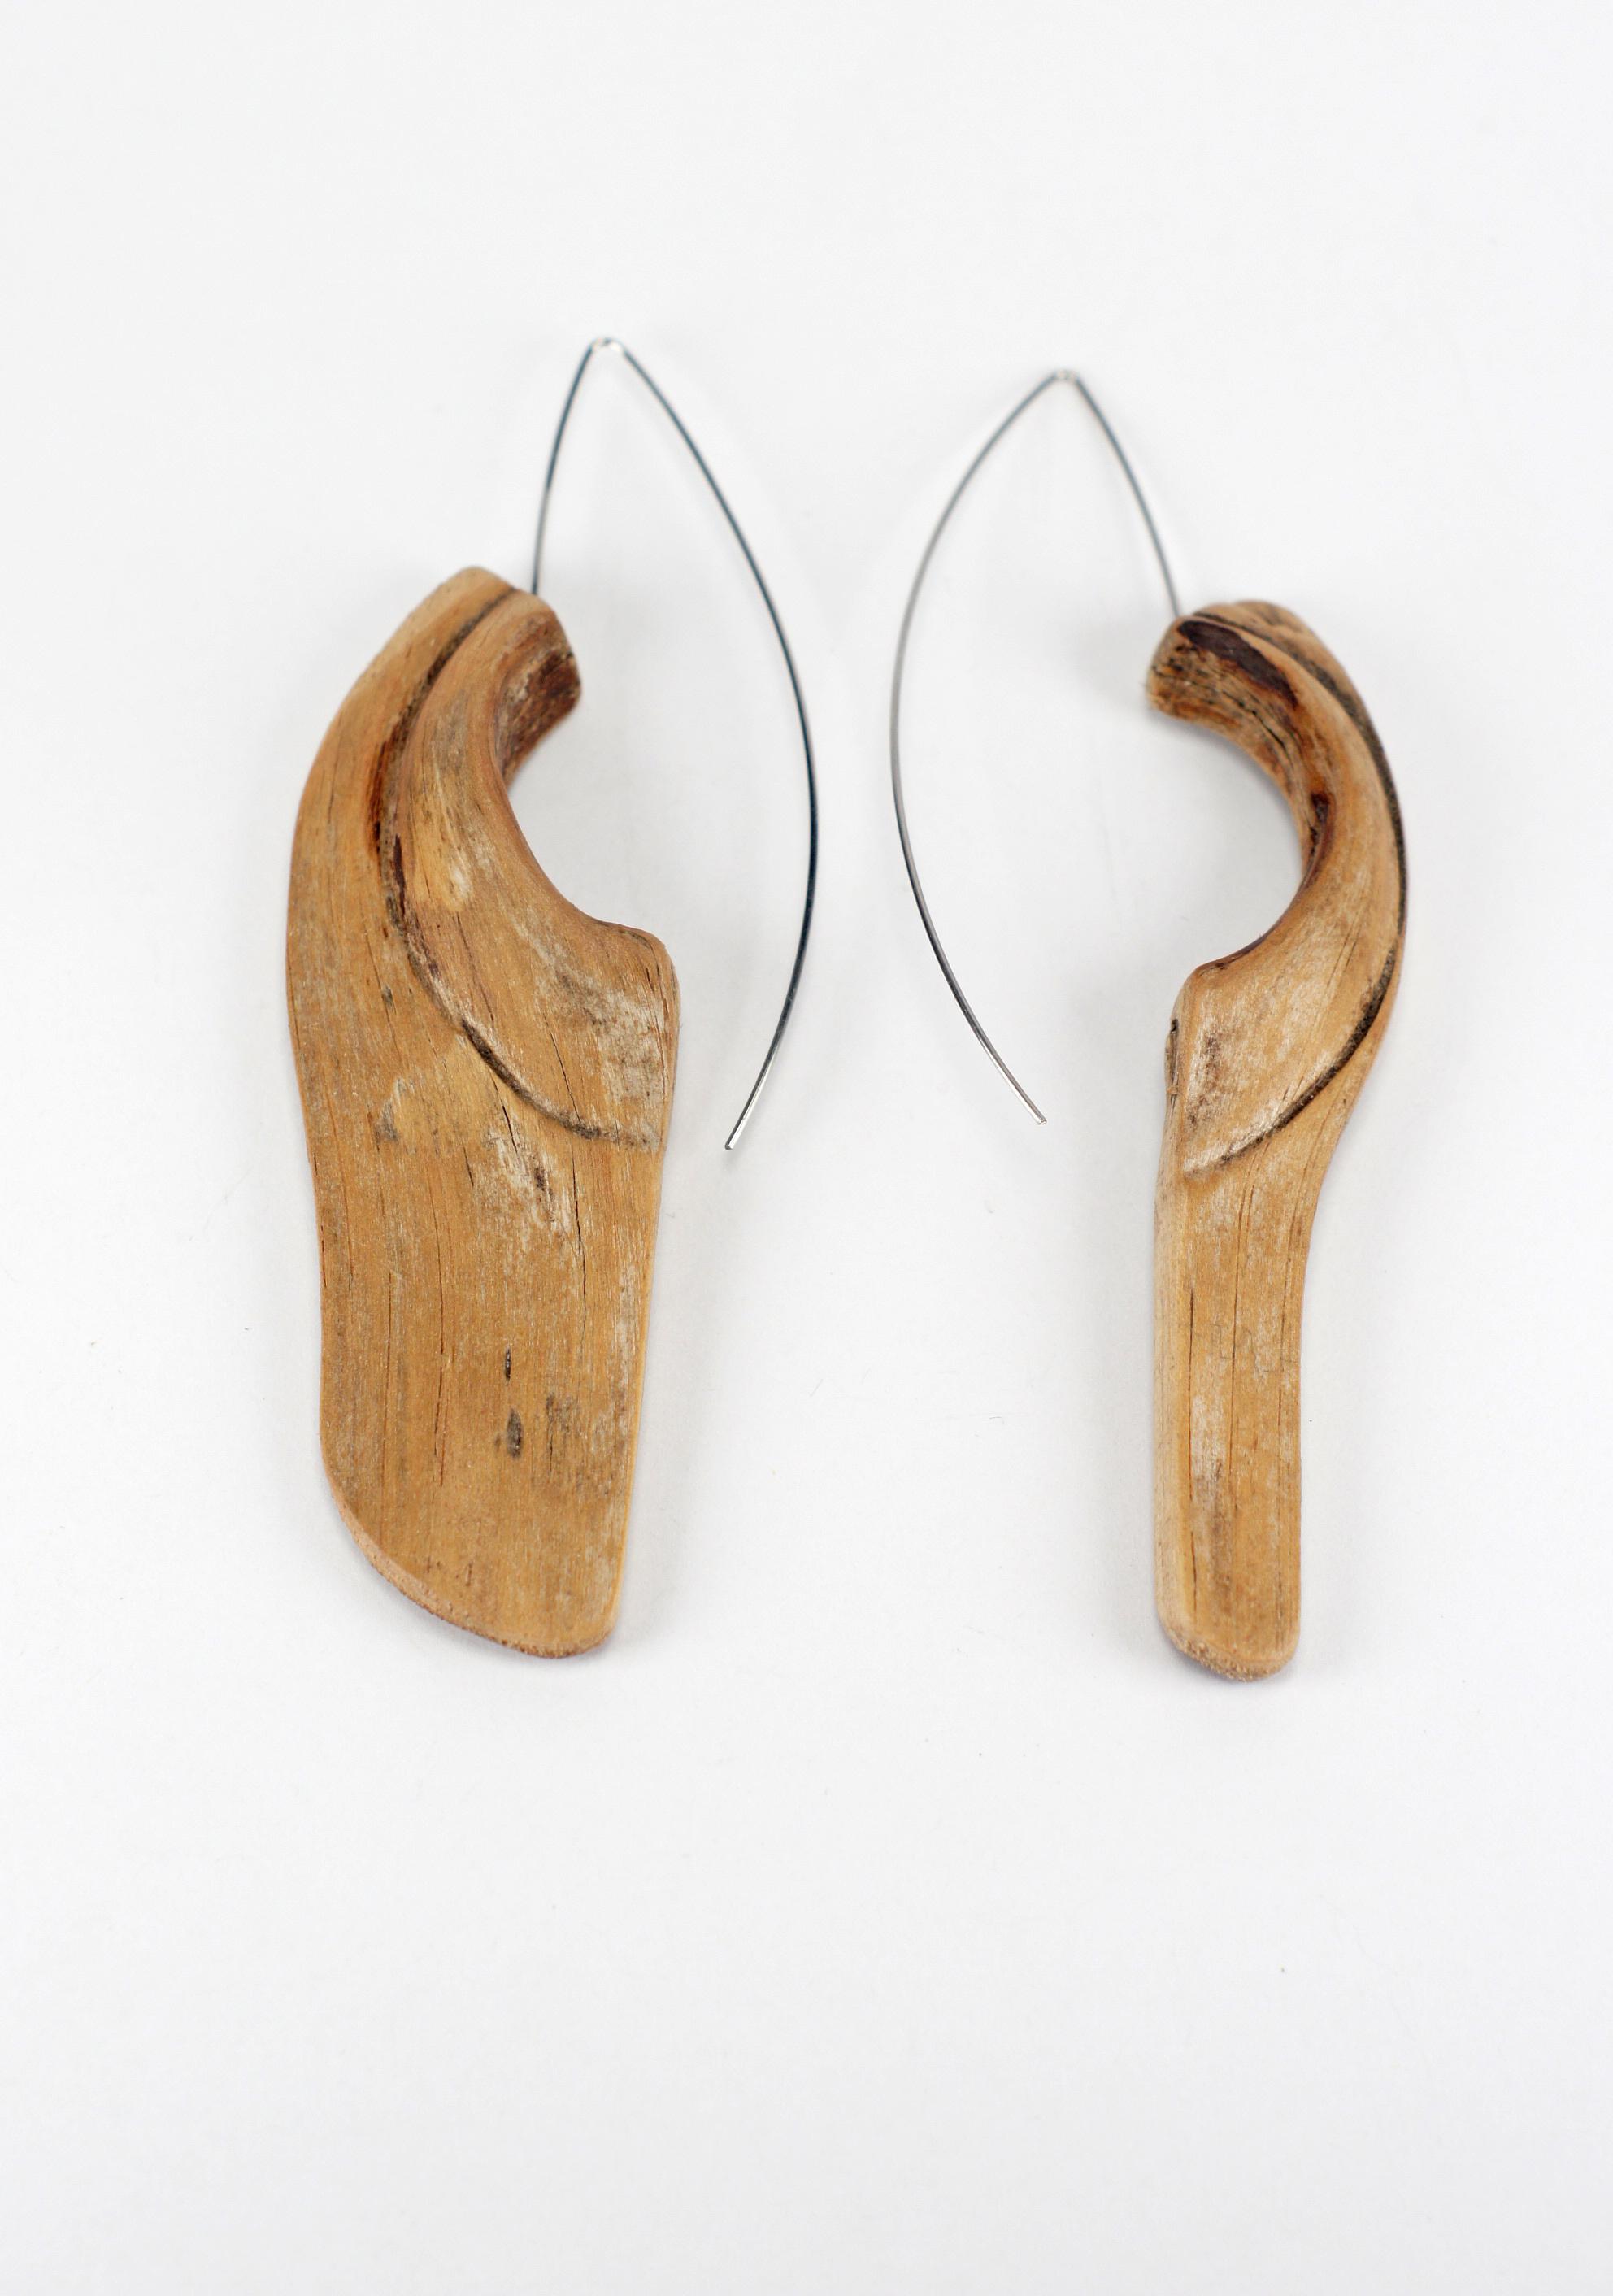 Обеци `The perfect two` - обеците бяха едно парче дърво, намерени в село в Троянския Балкан, за кукичките е използвана ръчно огъната стоматологична тел.